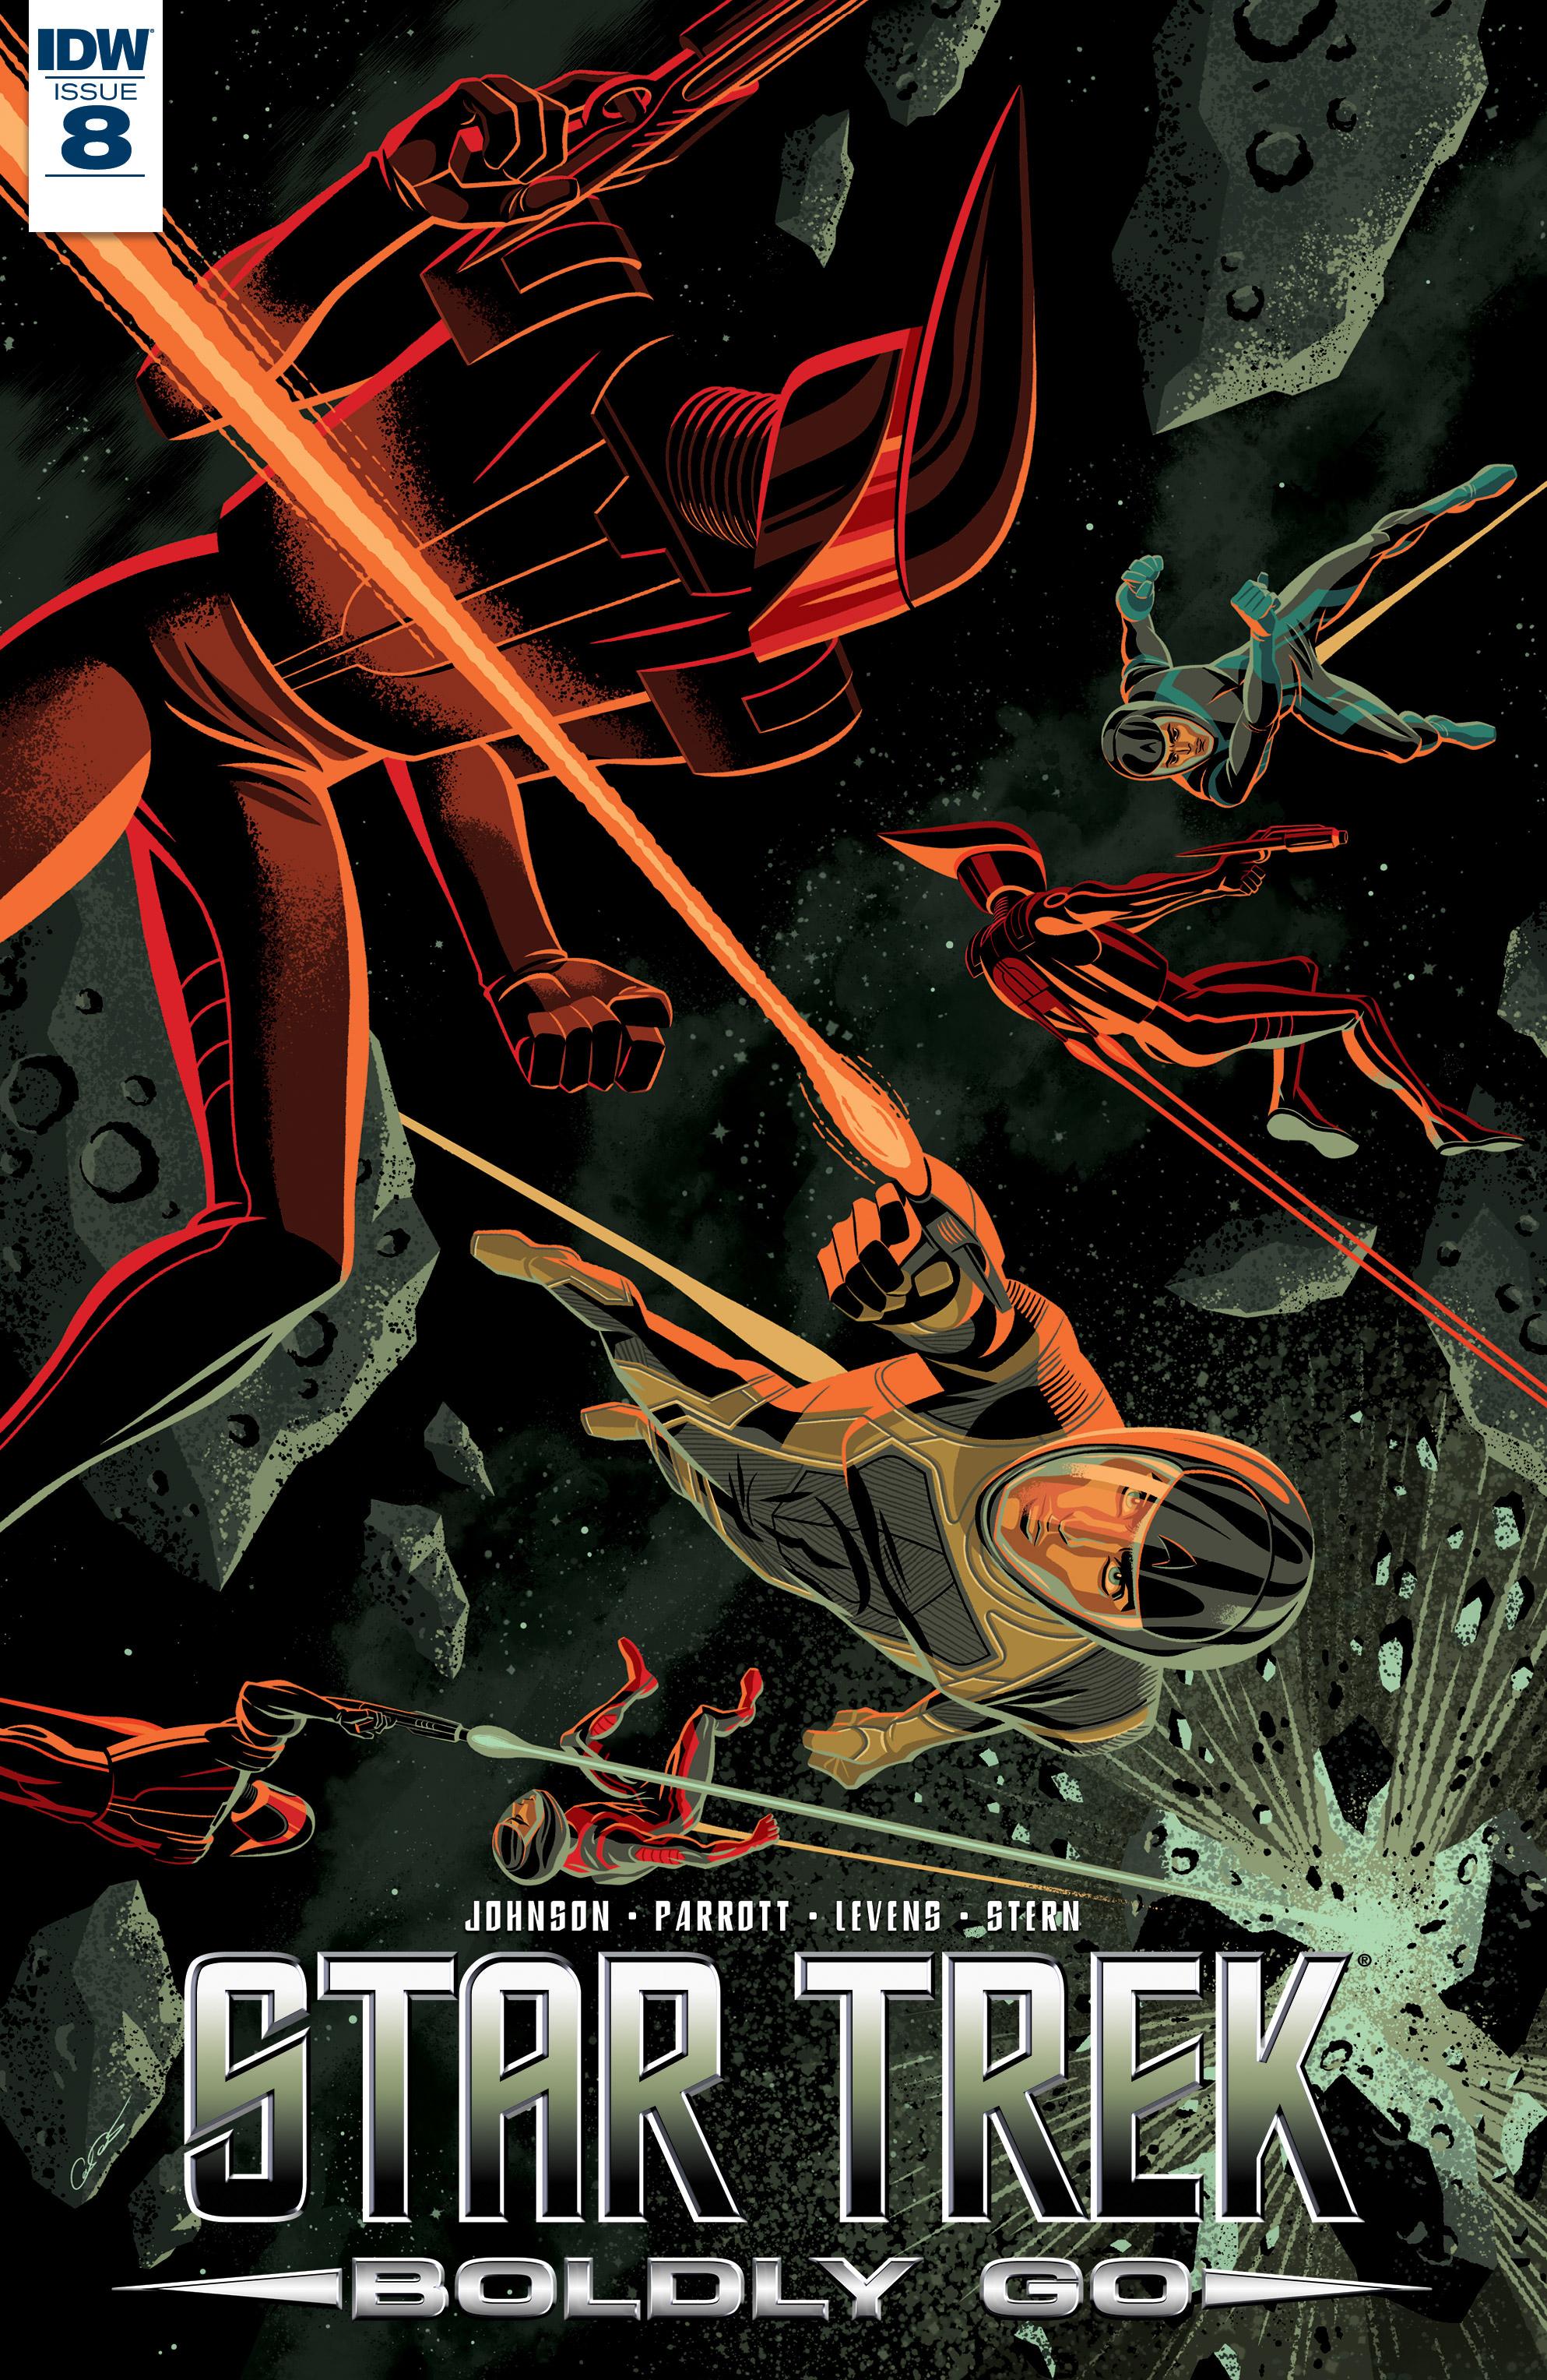 Read online Star Trek: Boldly Go comic -  Issue #8 - 1